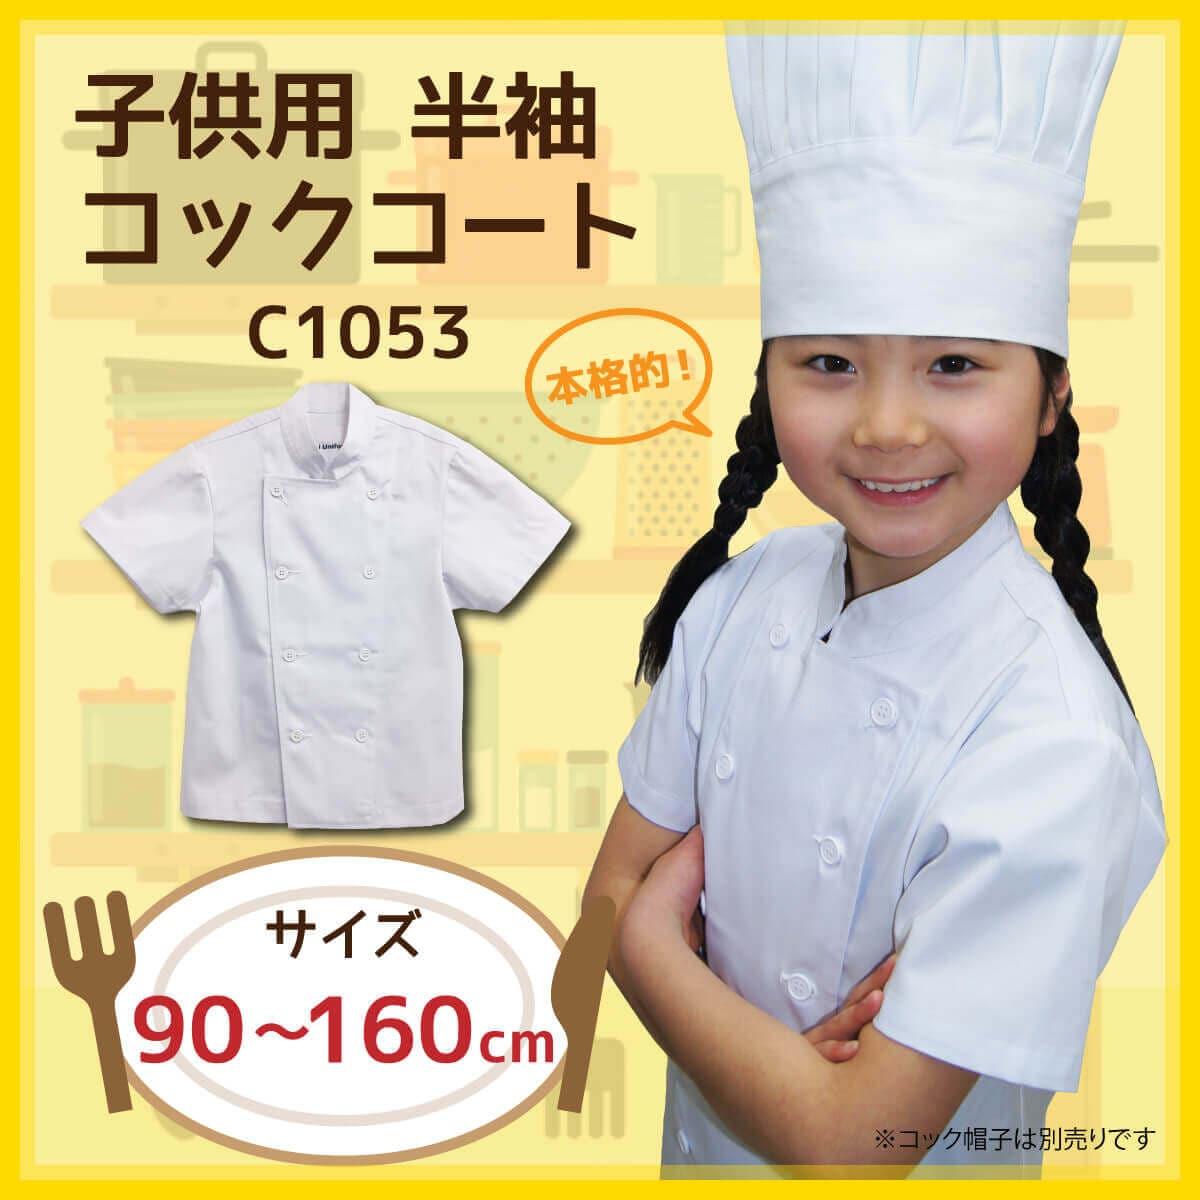 子供用コックコート,C1053